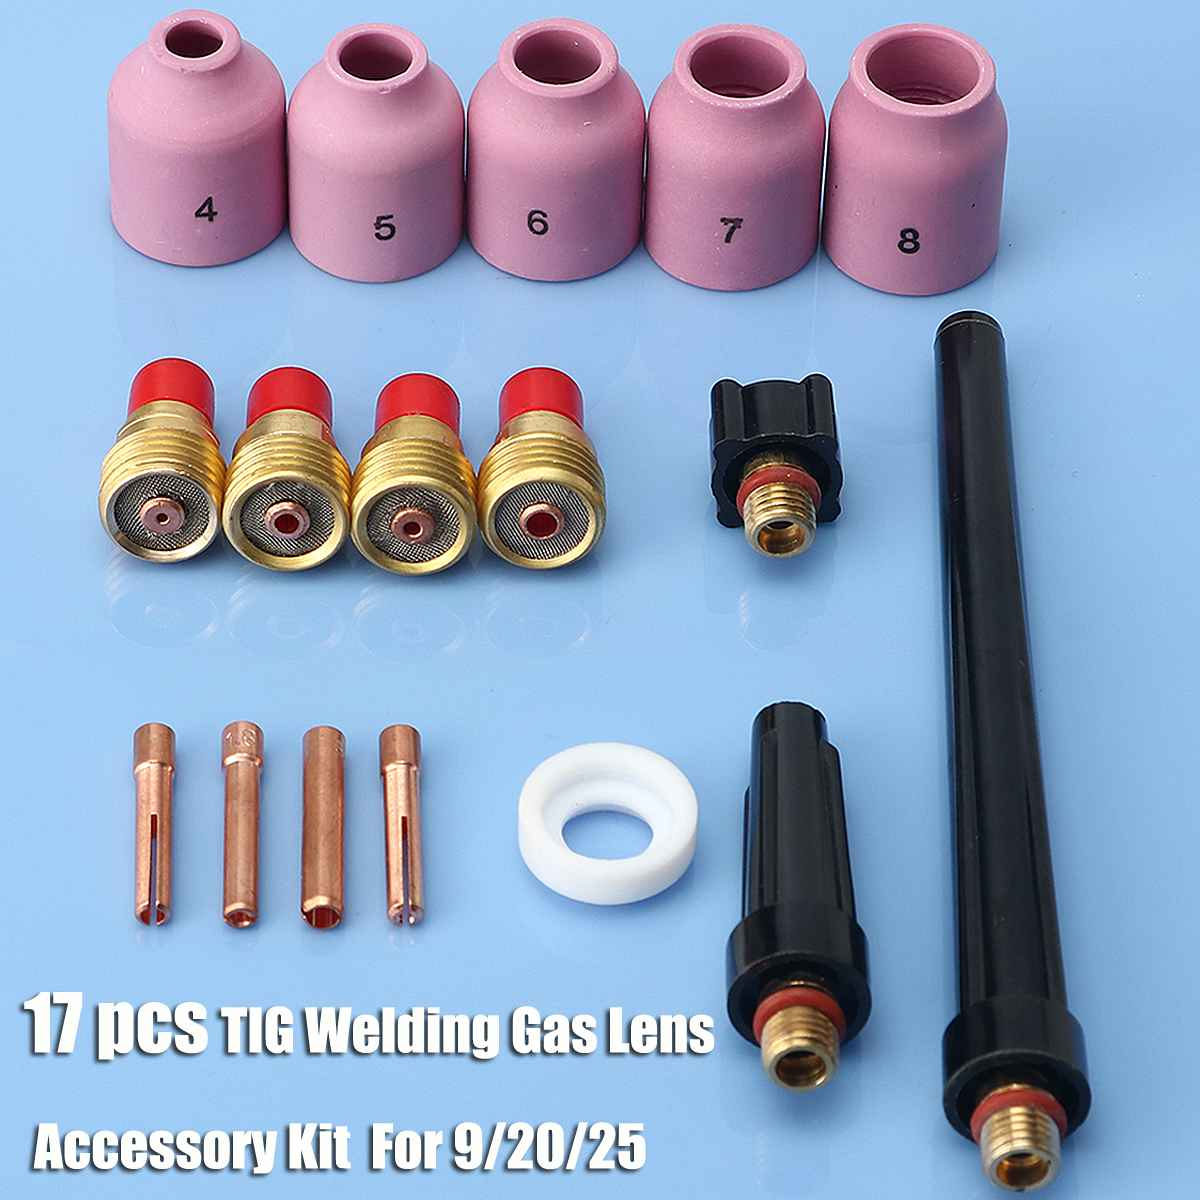 Heißer Verkauf 17 stücke Wig-schweißbrenner Gas Objektiv Zubehör Full Kit Set für WP9/20/25 Serie 0.040